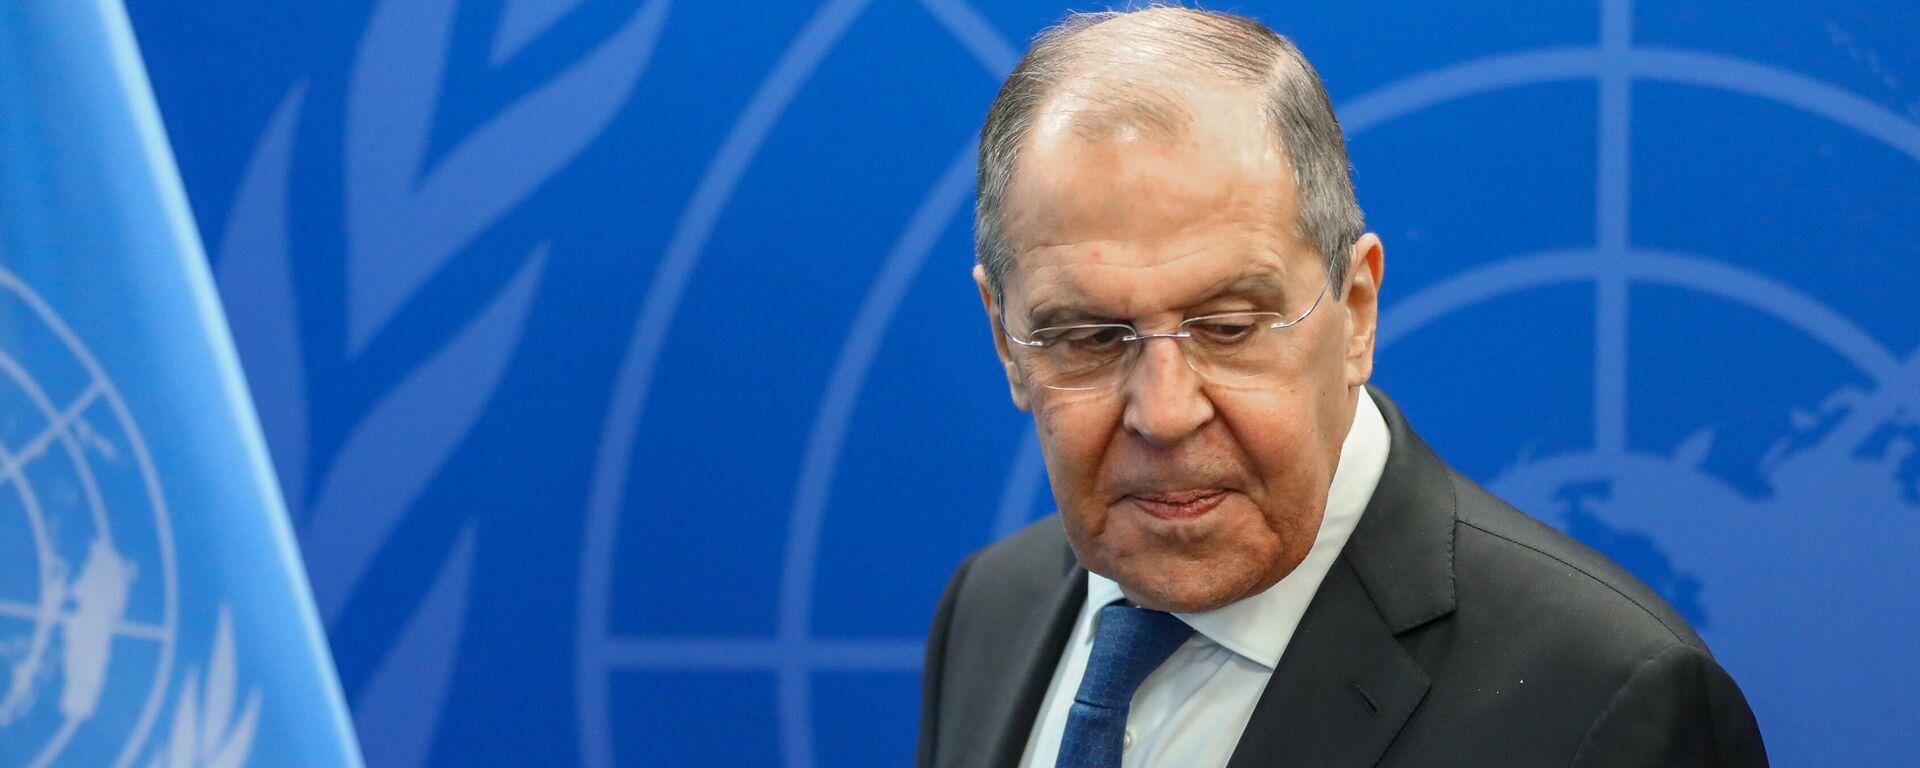 Rusya Dışişleri Bakanı Sergey Lavrov - Birleşmiş Milletler (BM) - Sputnik Türkiye, 1920, 25.09.2021